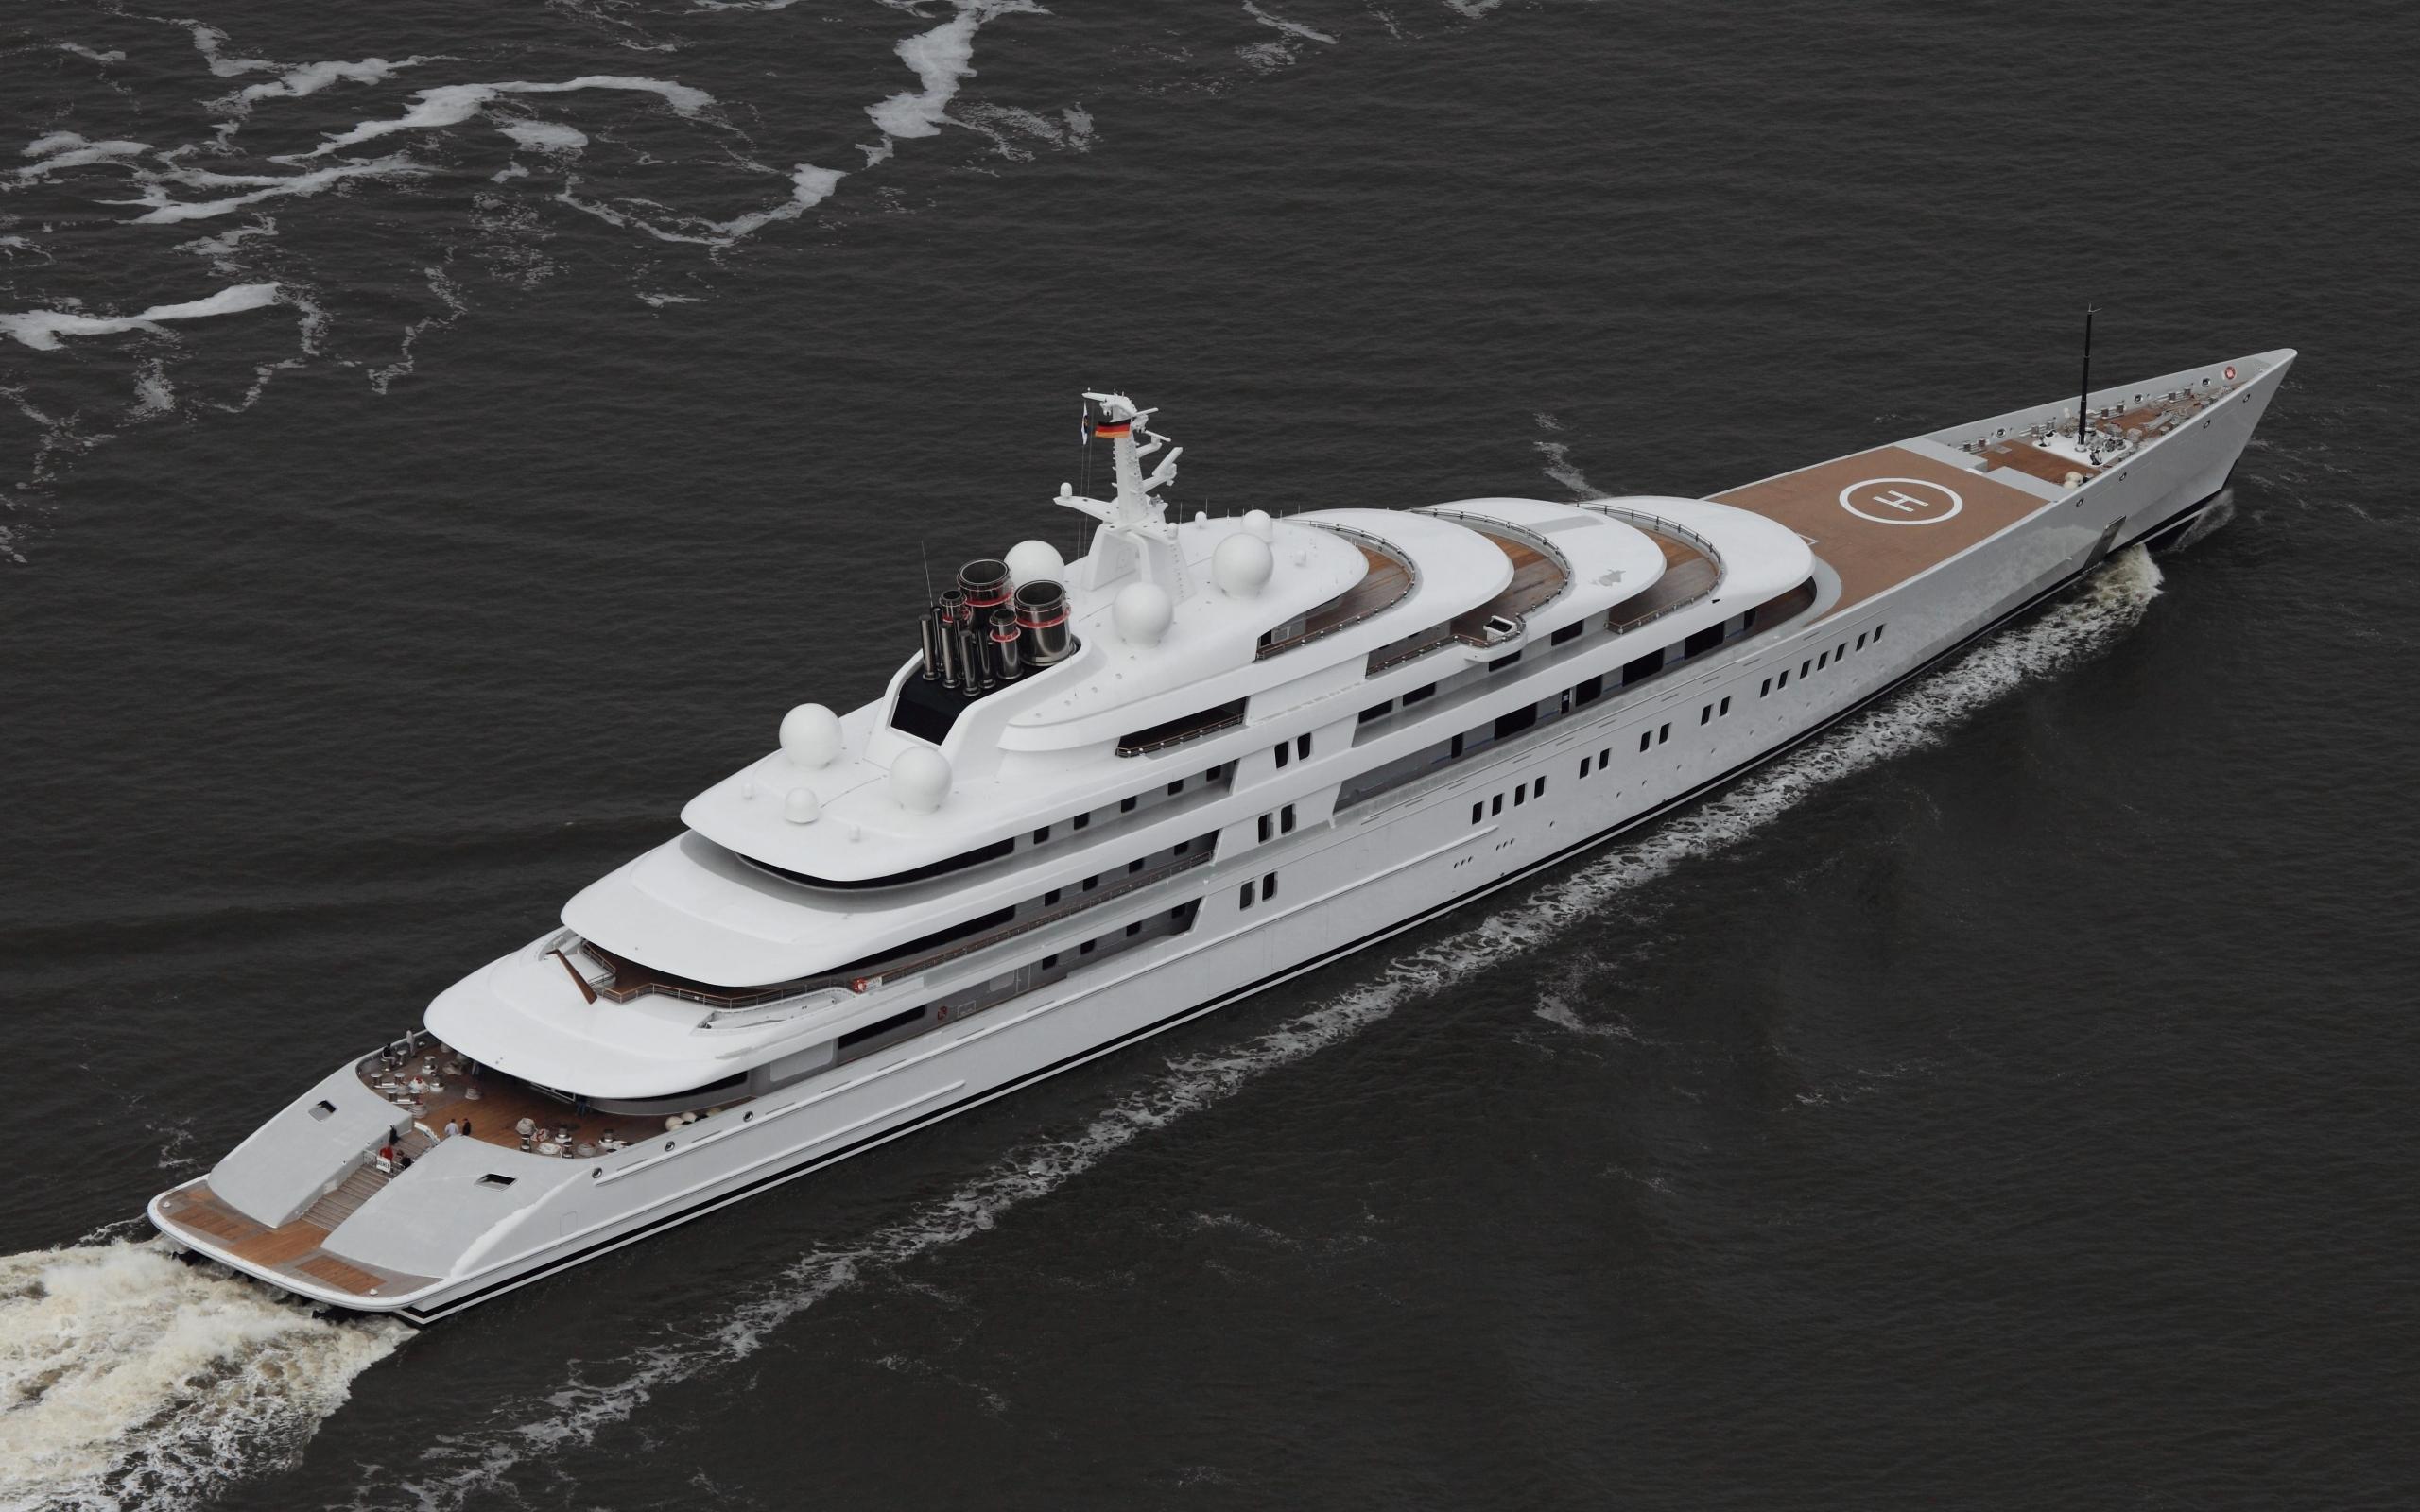 Azzam - самая большая яхта в мире обои для рабочего стола ...